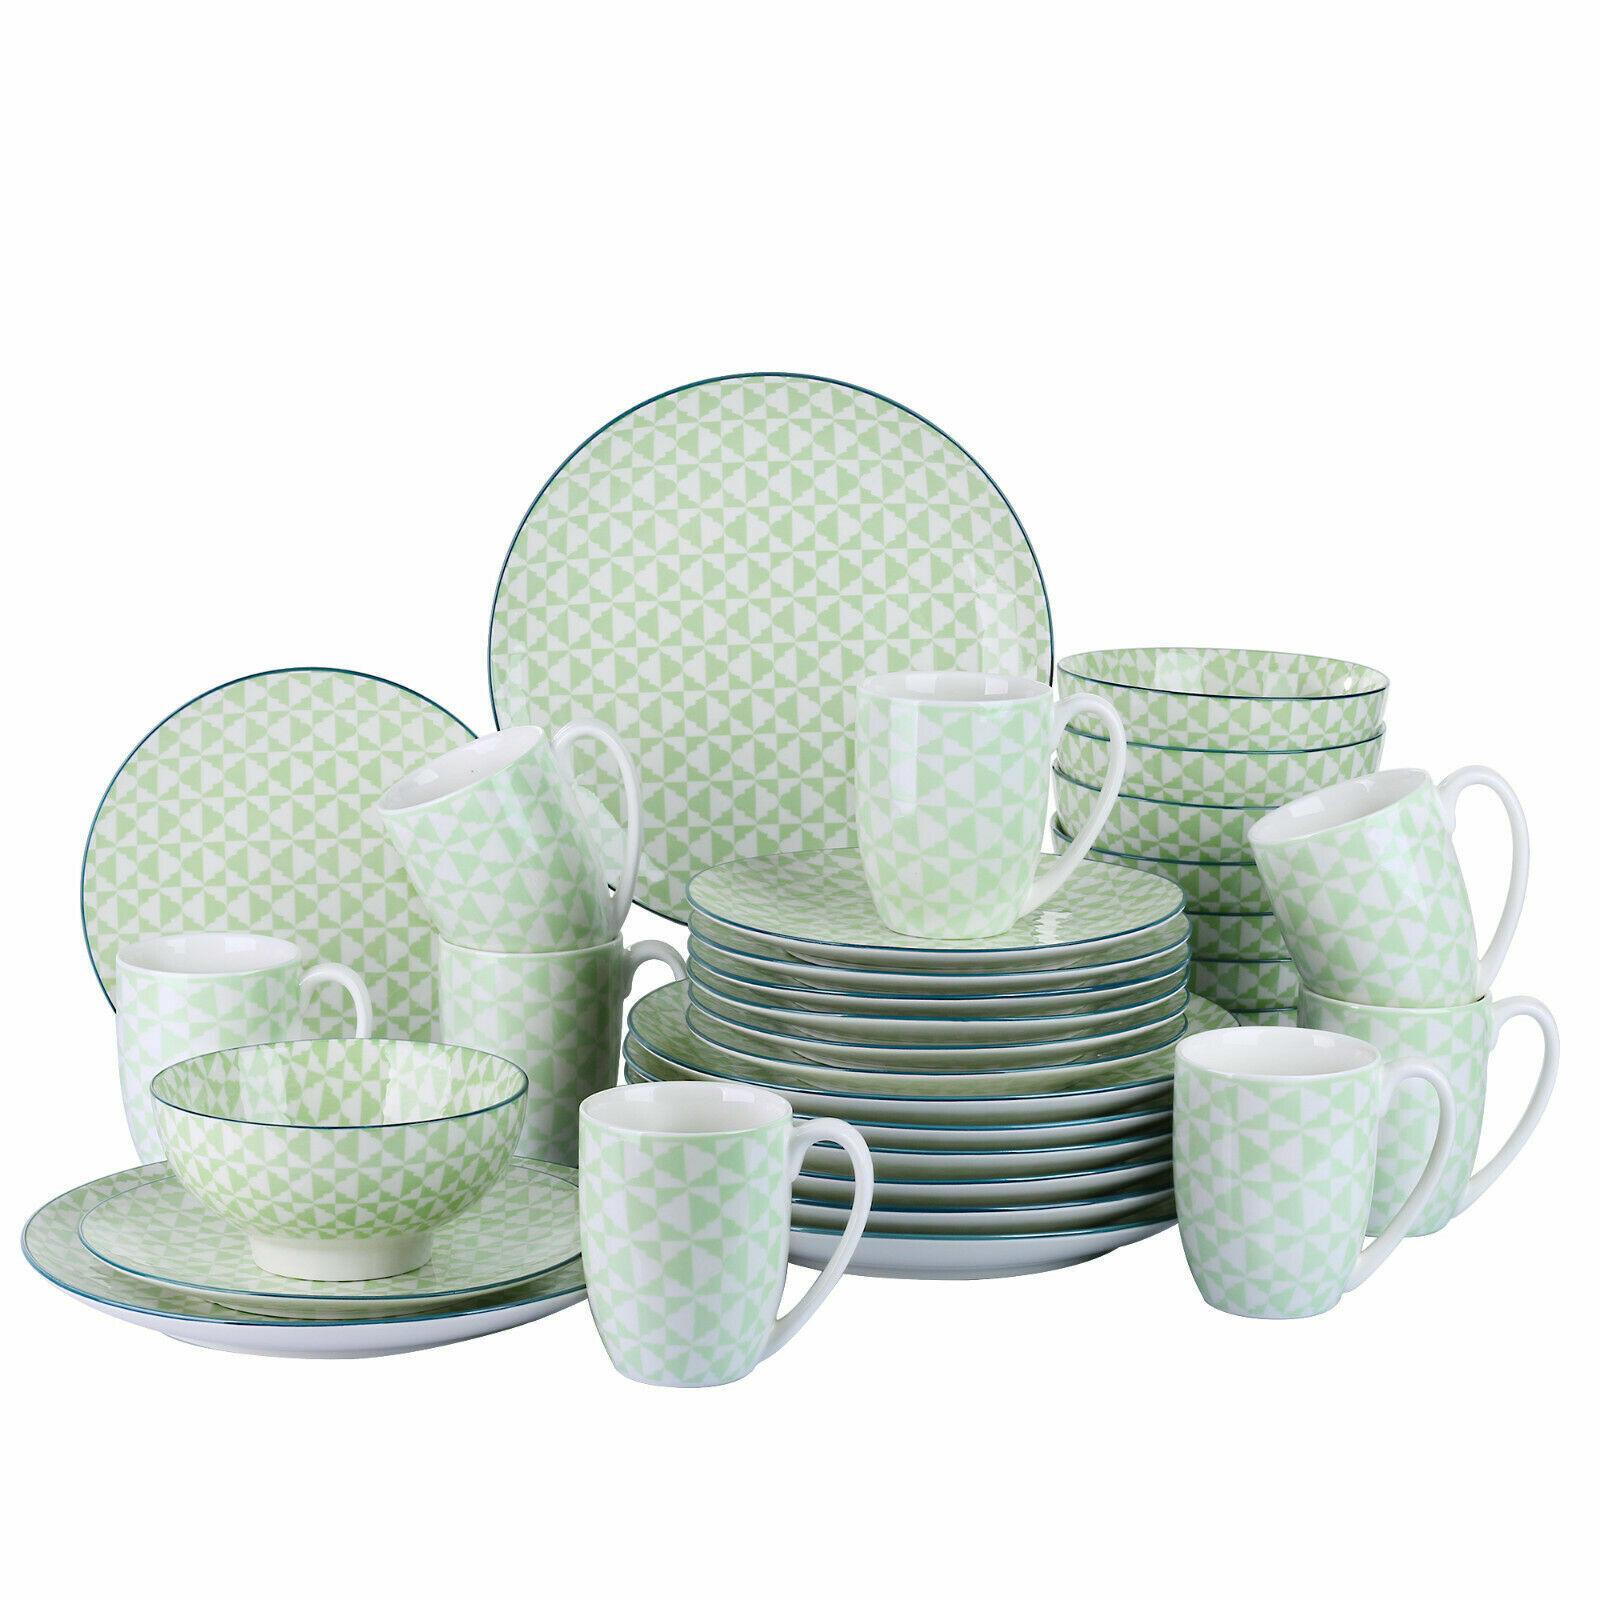 Set da cena 16pc porcellana piatti ciotole stoviglie stoviglie 8 coperto verde